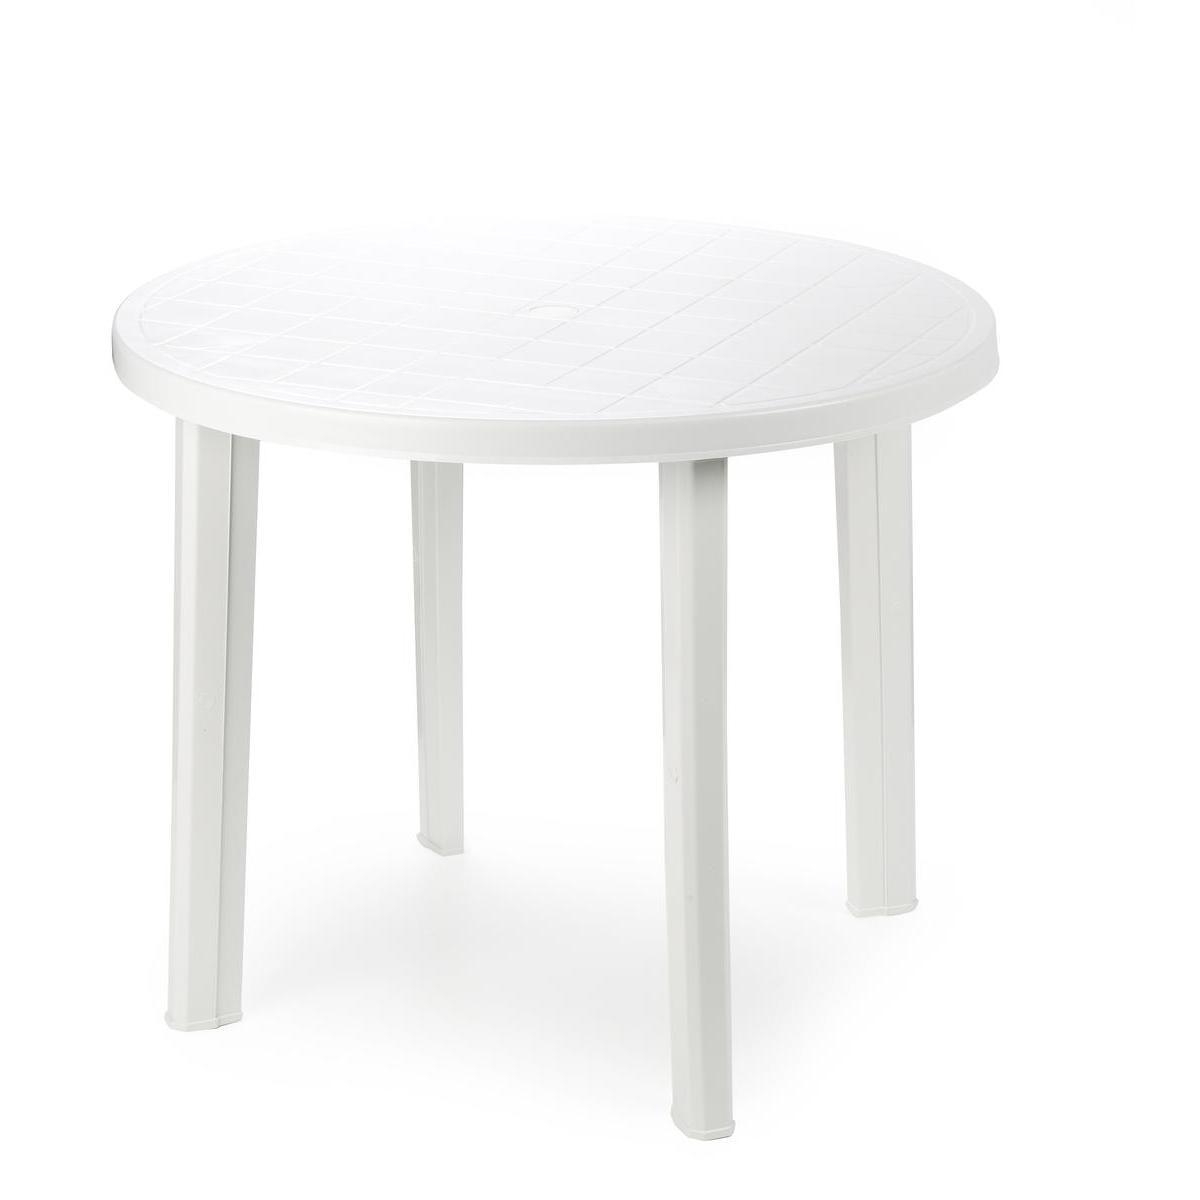 Table ronde - ø 6 x H 6 cm - Blanc - Mobilier de jardin  La